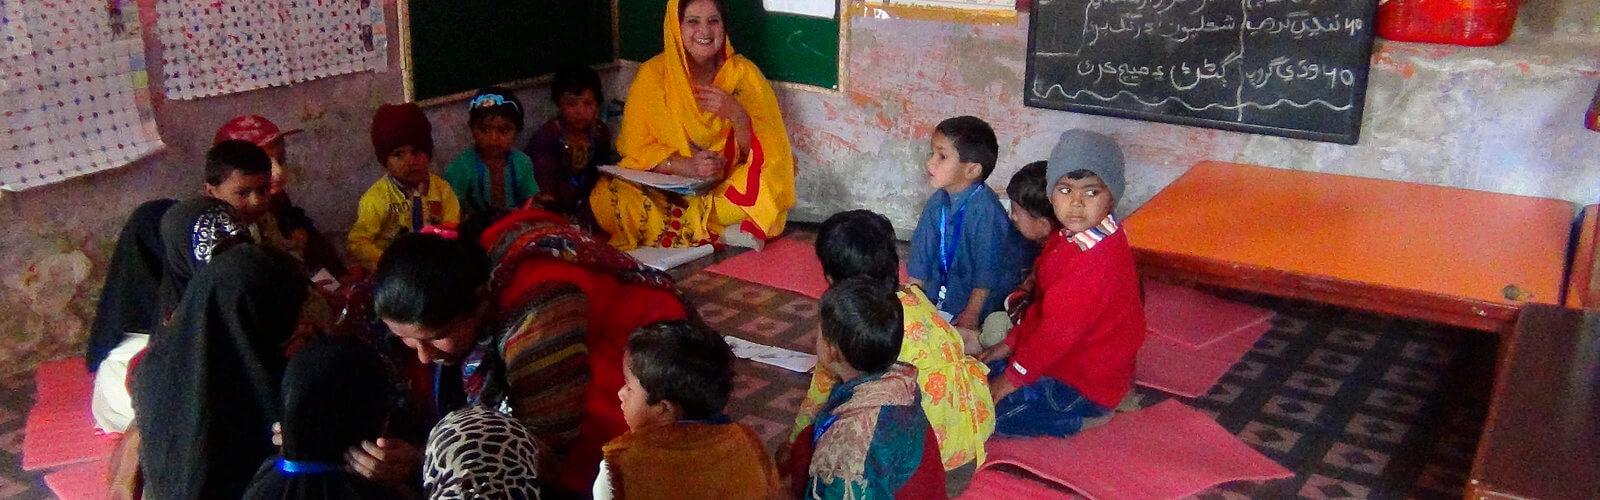 School classroom in Pakistan